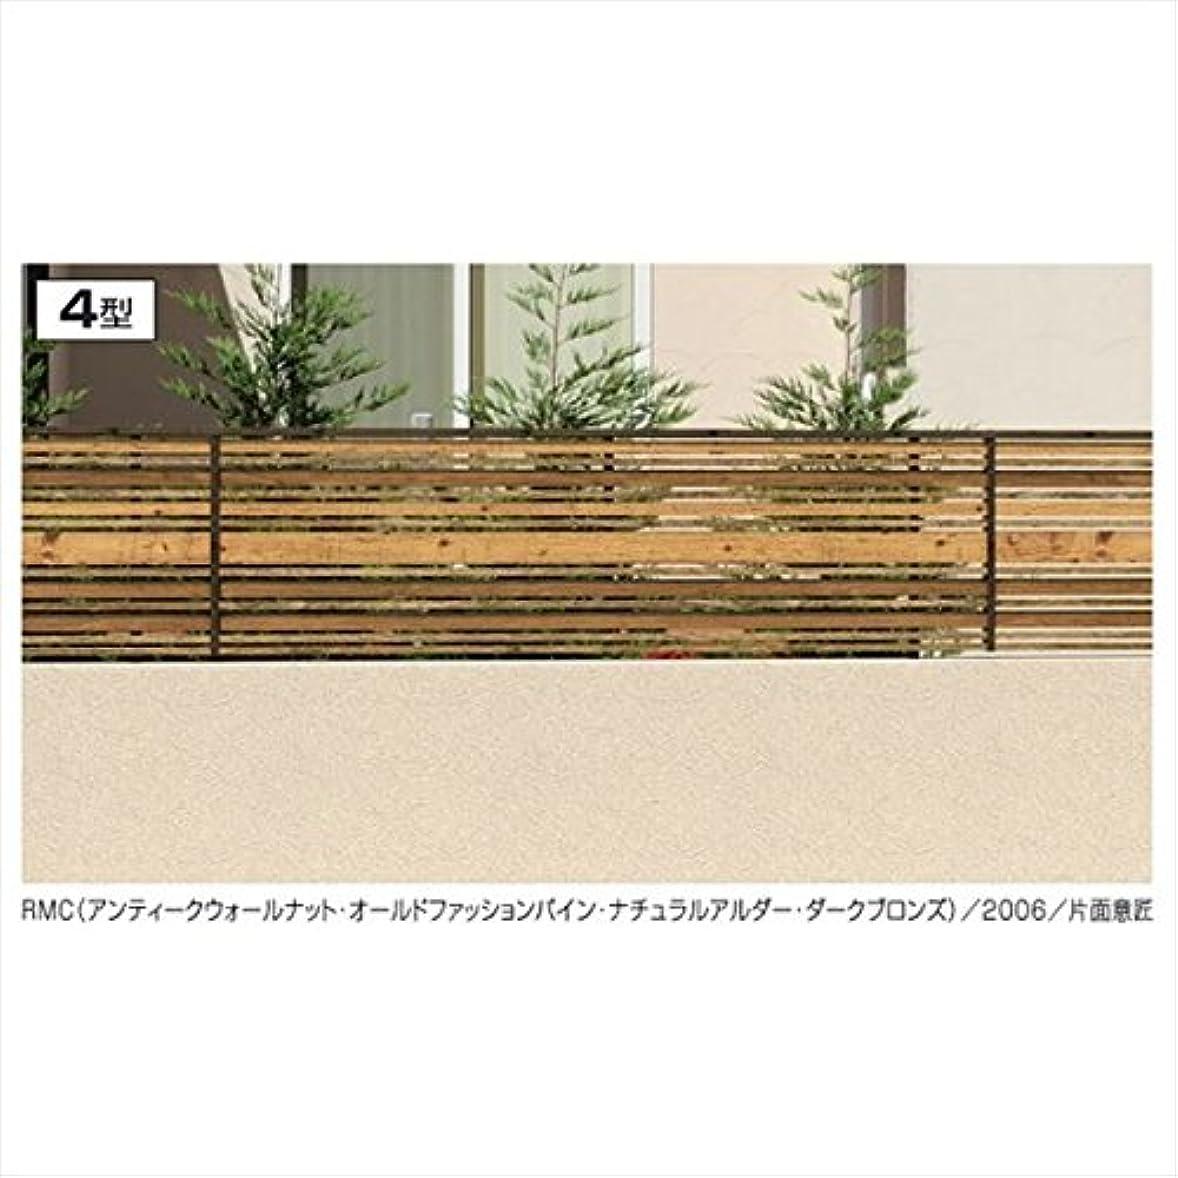 出身地親密な鋭く三協アルミ 形材フェンス フィオーレ4型 木調色(RMC) 本体パネル W20-H02 両面意匠 木調色(RMC) CMC(チョコメープル/ダークブロンズ)